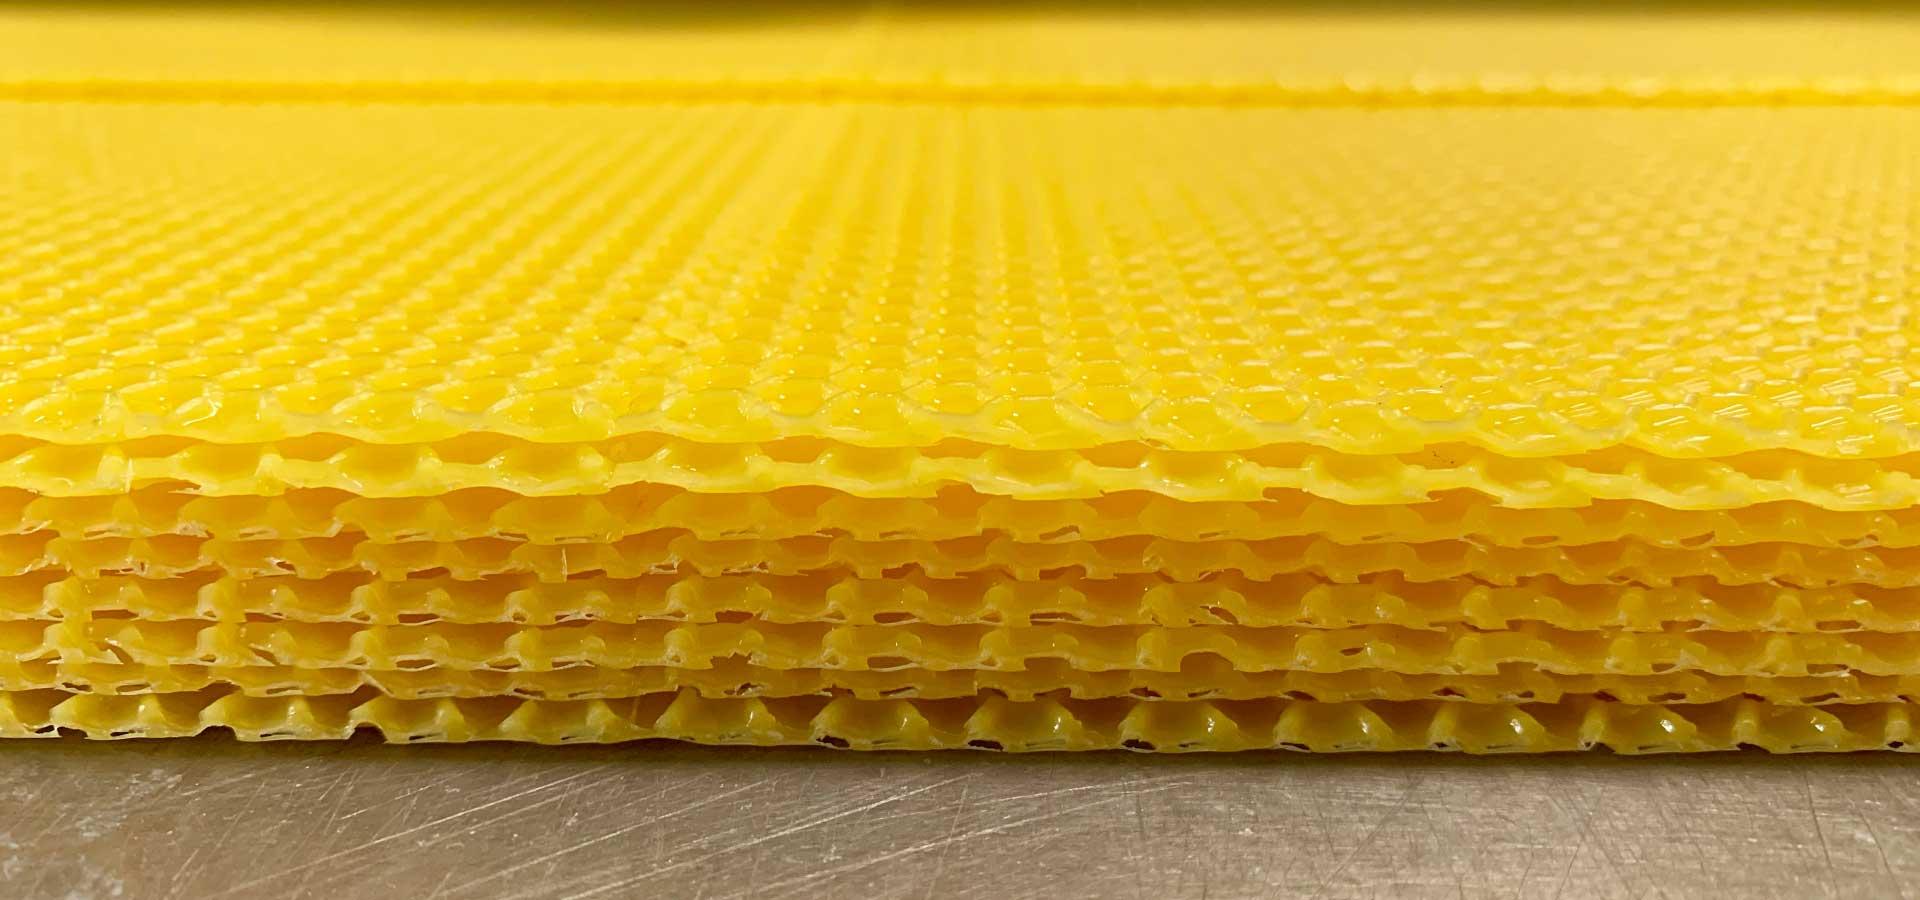 Umarbeitung von Bienenwachs in Mittelwände oder Waben für Imker.